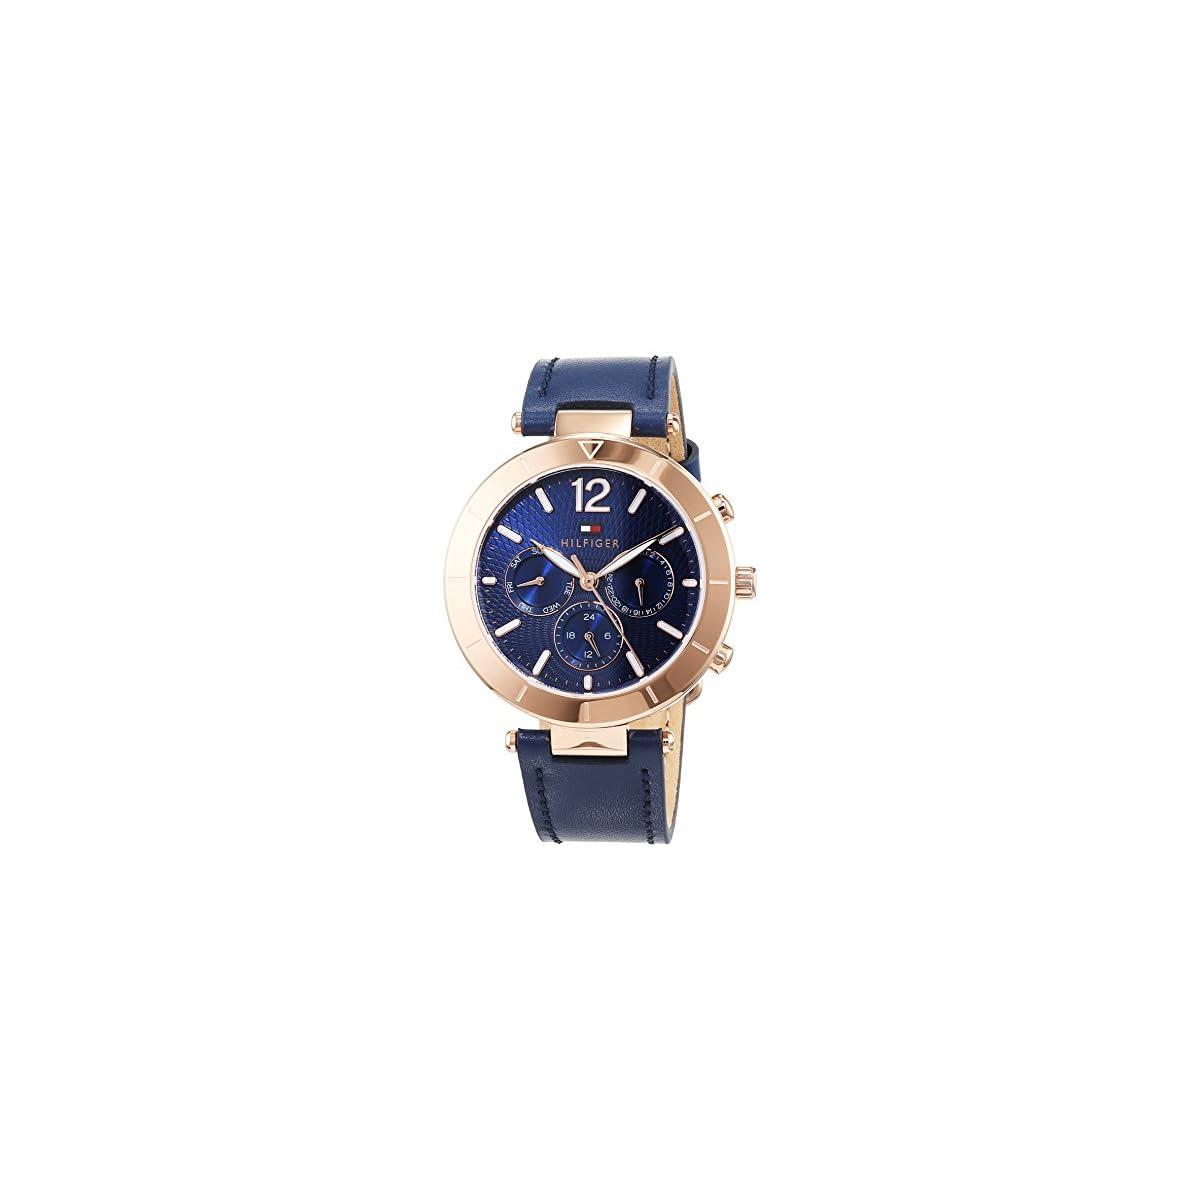 51ihtMqXSyL. SS1200  - Tommy Hilfiger Reloj Multiesfera para Mujer de Cuarzo con Correa en Cuero 1781881